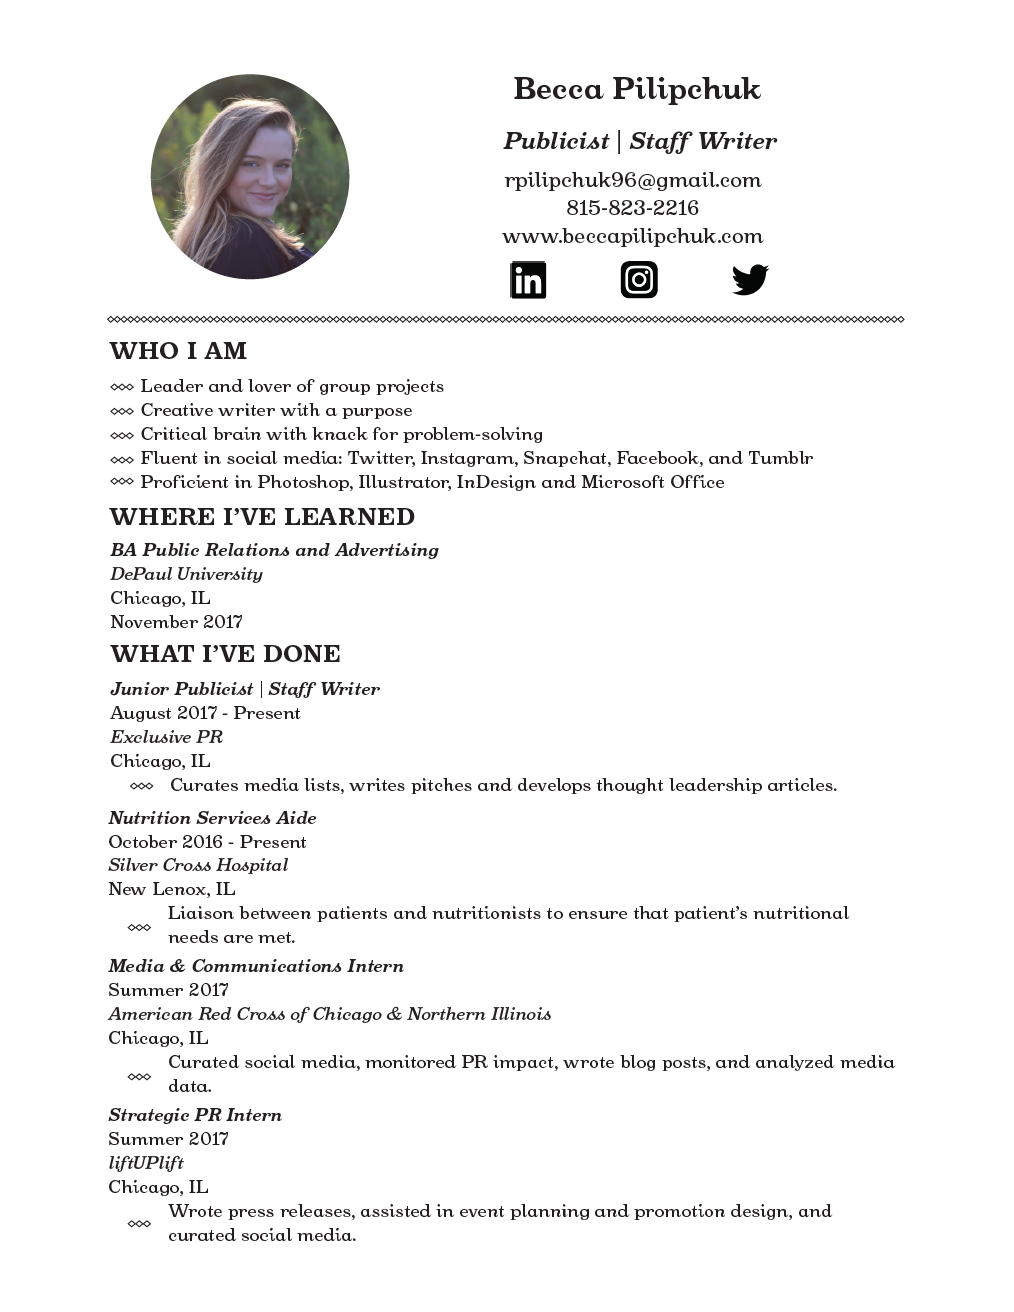 Resume – Becca